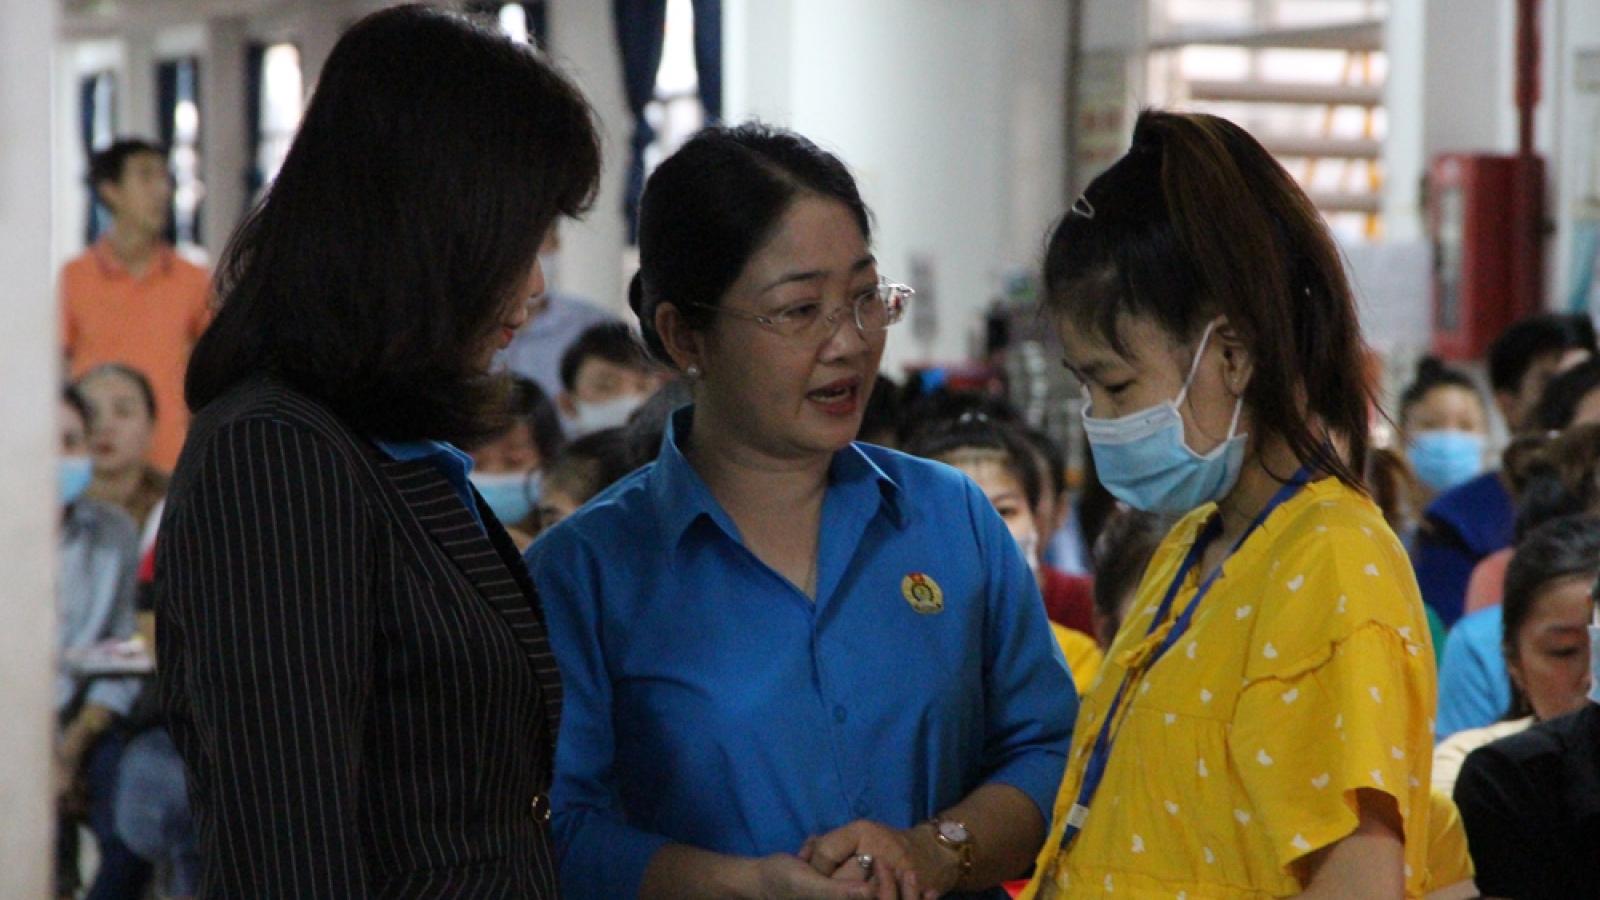 Bình Dương hỗ trợ hàng trăm công nhân quê miền Trung bị thiệt hại do bão lũ